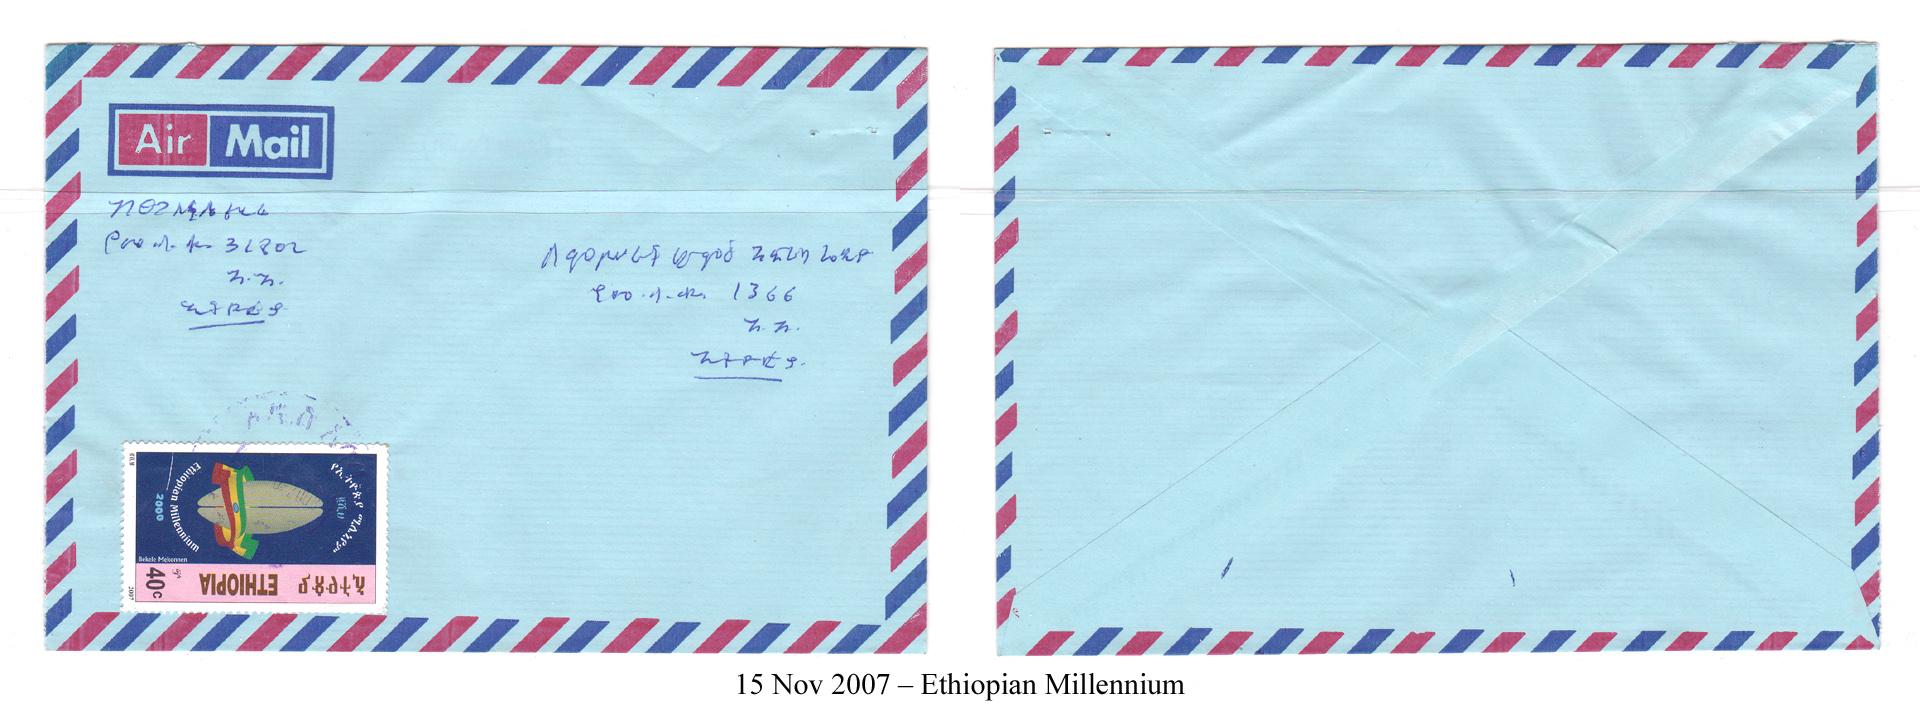 20071115 - Ethiopian Millennium